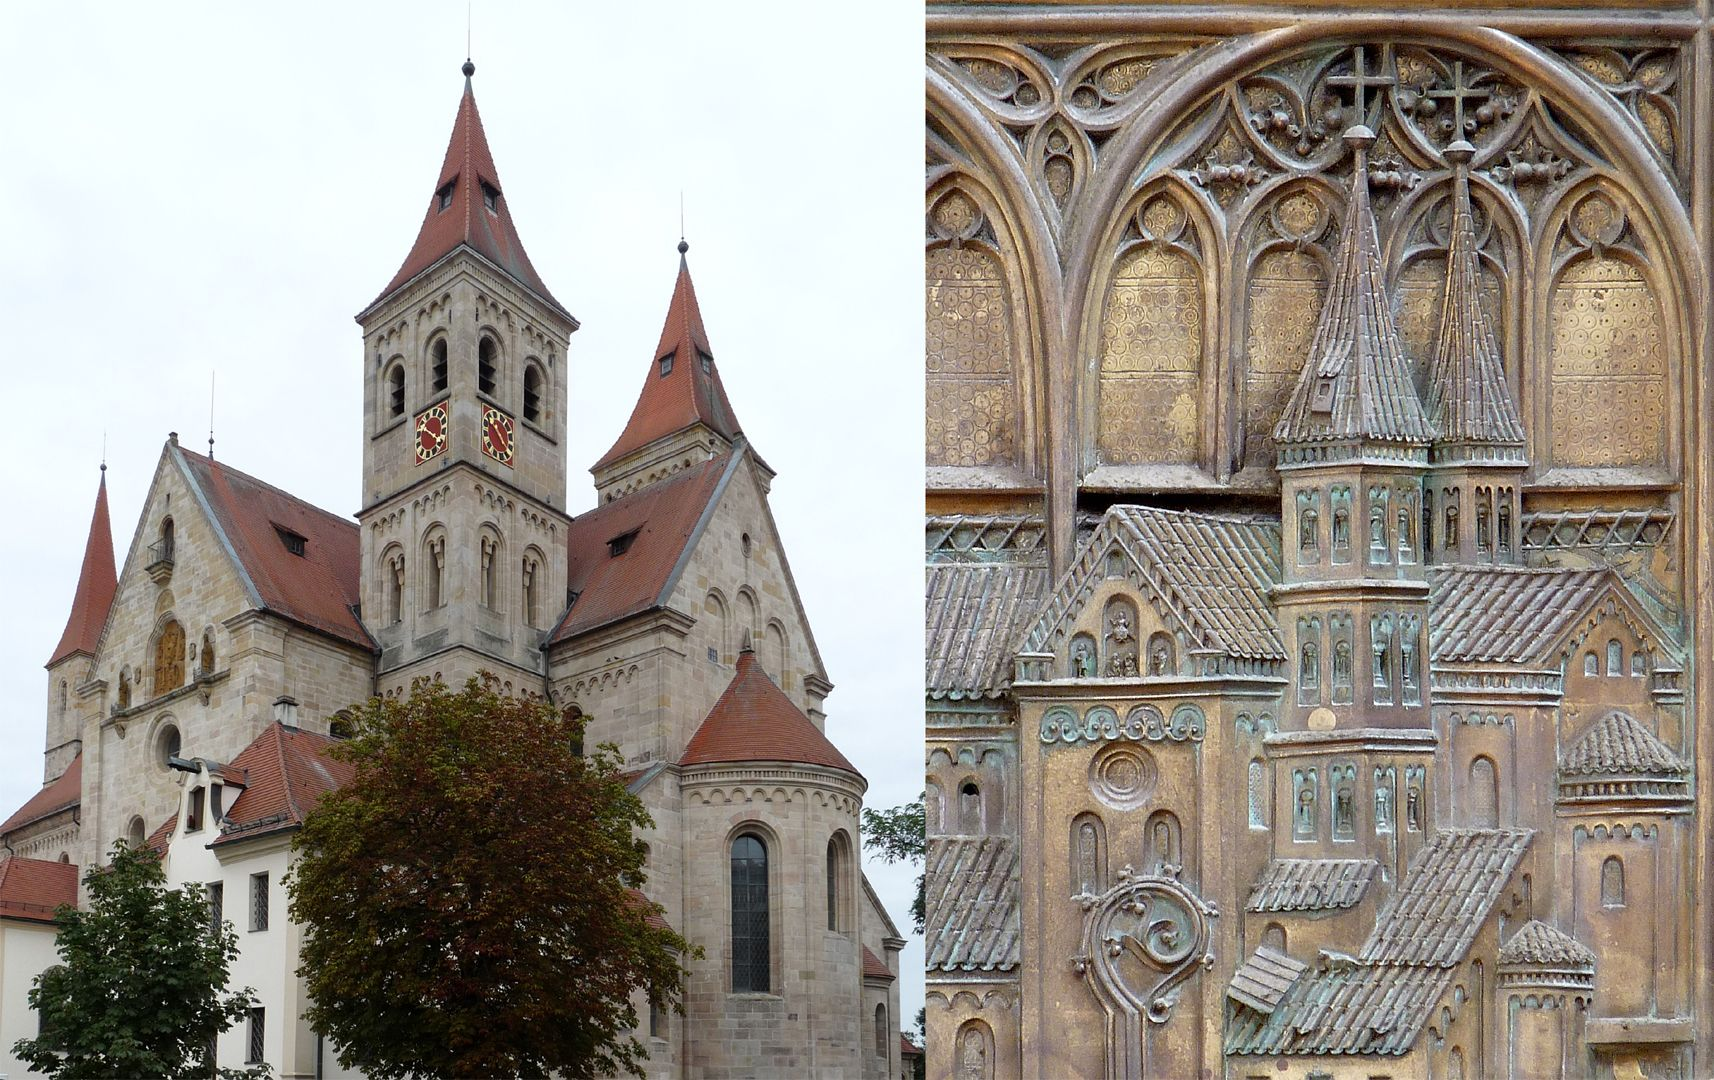 Memorienplatte für Hariolf und Erlolf Bildvergleich der Basilika von Südost mit dem Kirchenmodell